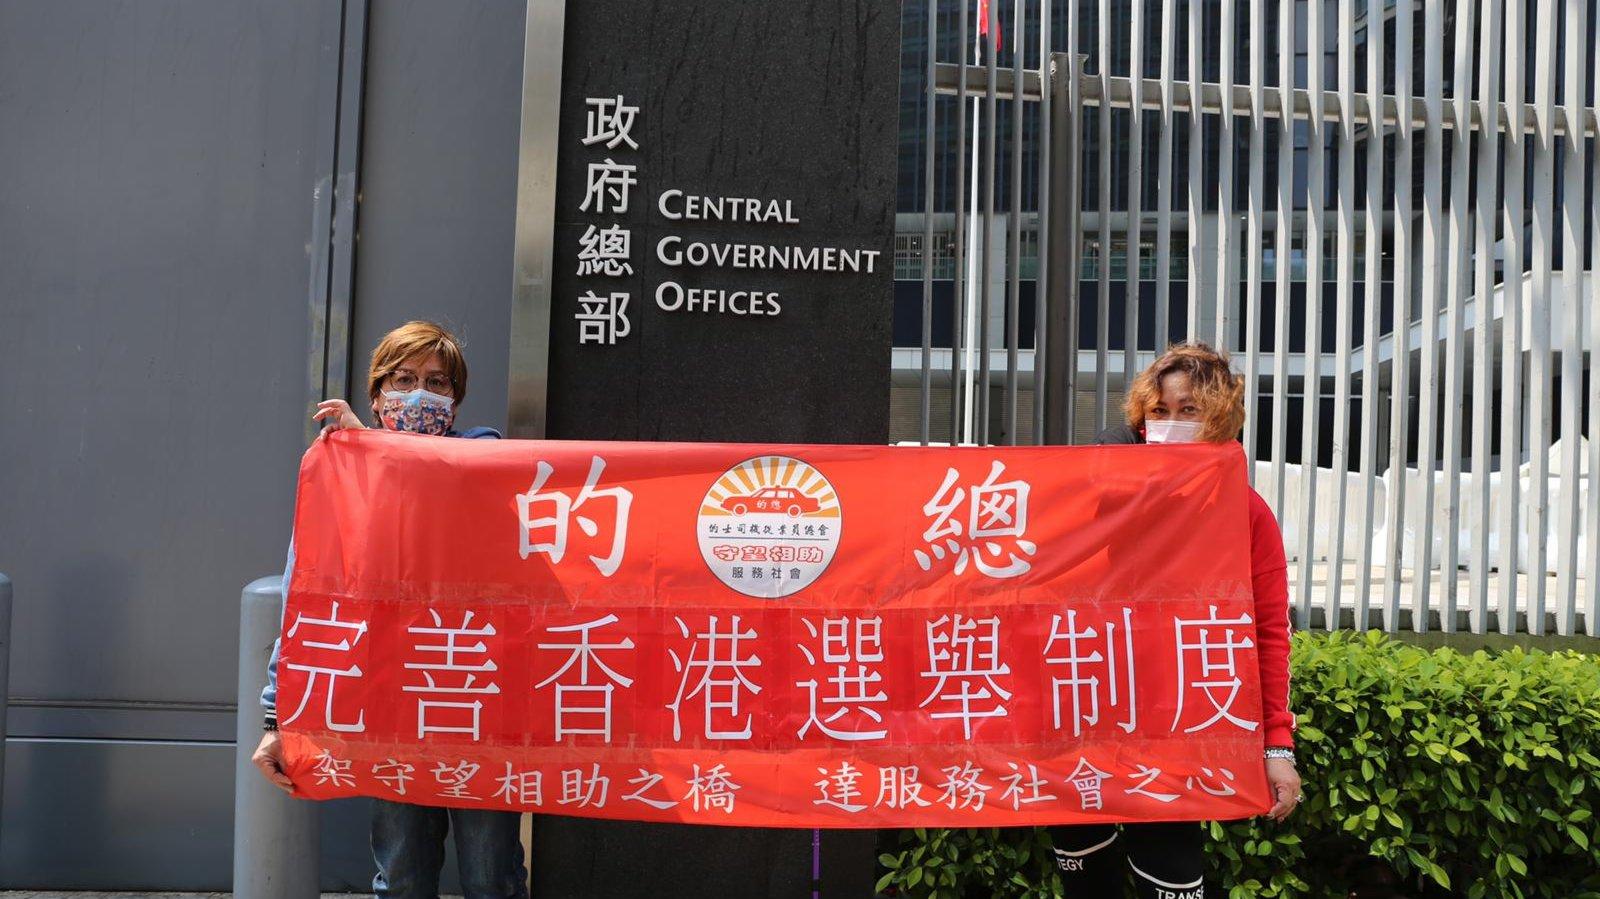 的總政府總部外請願 支持完善香港選舉制度